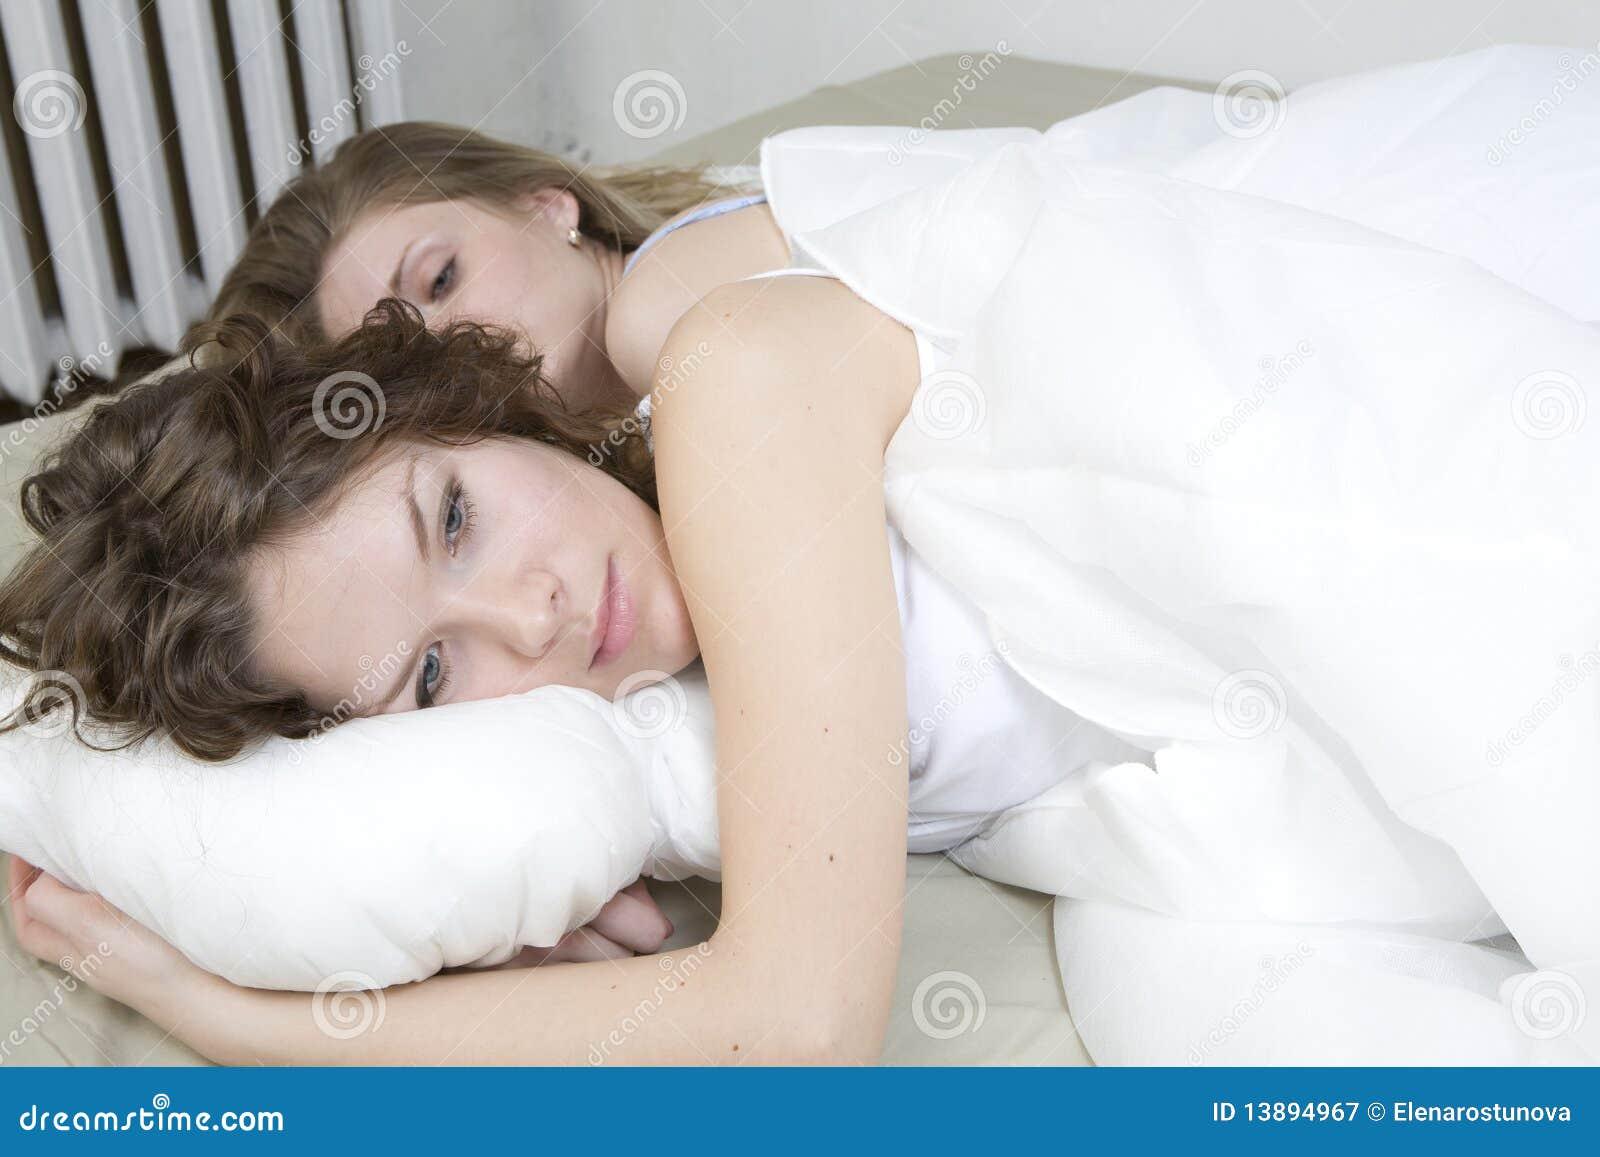 Трахнул красивую сестру пока она спала, У брата и сестры одна комната на двоих - видео ролик 24 фотография